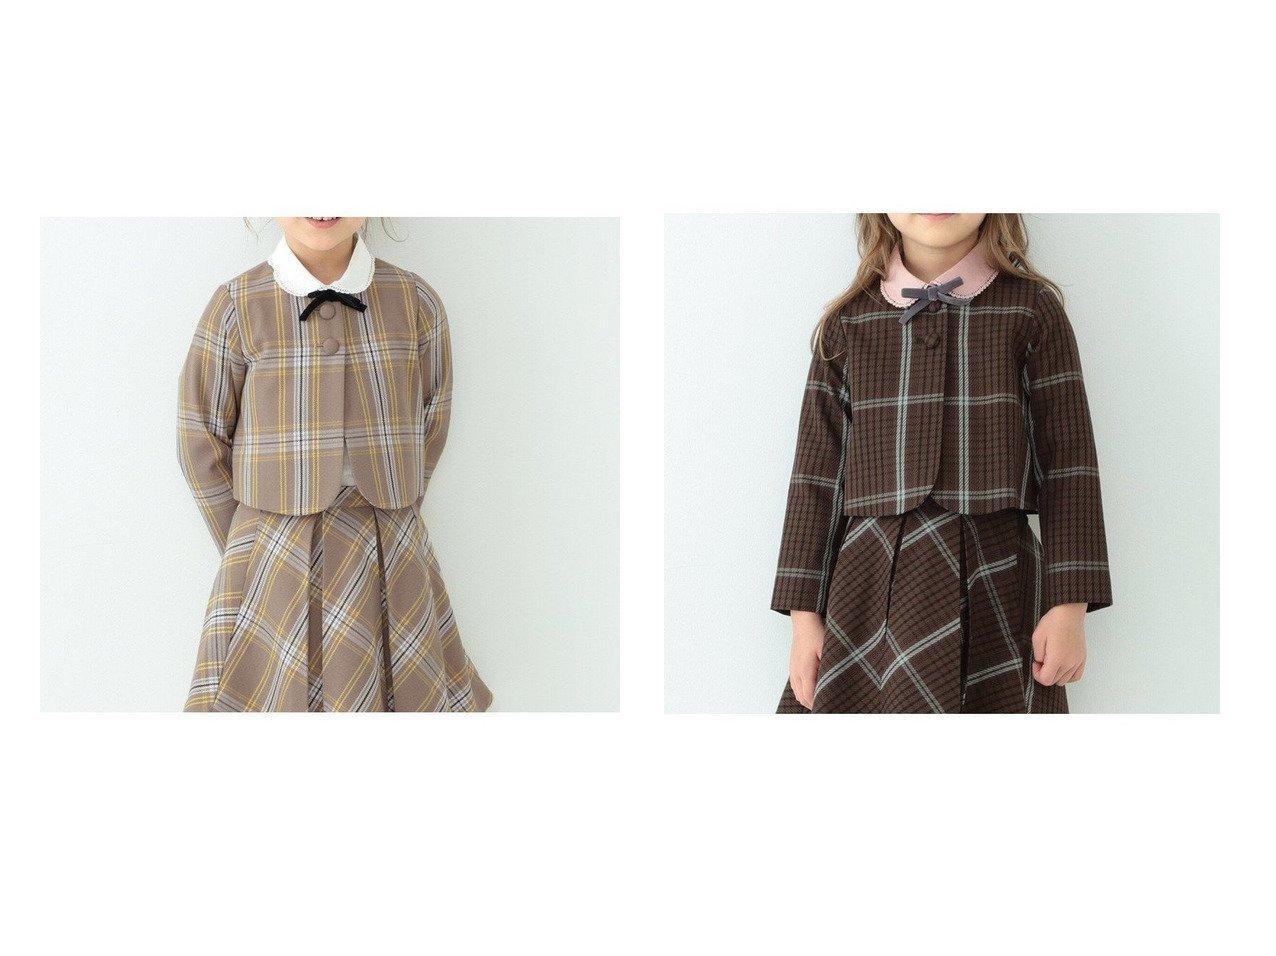 【B:MING by BEAMS / KIDS/ビーミング バイ ビームス】のフォーマル チェック ボレロ 21FO(100~130cm) KIDS】子供服のおすすめ!人気トレンド・キッズファッションの通販 おすすめで人気の流行・トレンド、ファッションの通販商品 メンズファッション・キッズファッション・インテリア・家具・レディースファッション・服の通販 founy(ファニー) https://founy.com/ ファッション Fashion キッズファッション KIDS ジャケット セットアップ チェック 人気 パターン フォーマル ボレロ リアル |ID:crp329100000018367